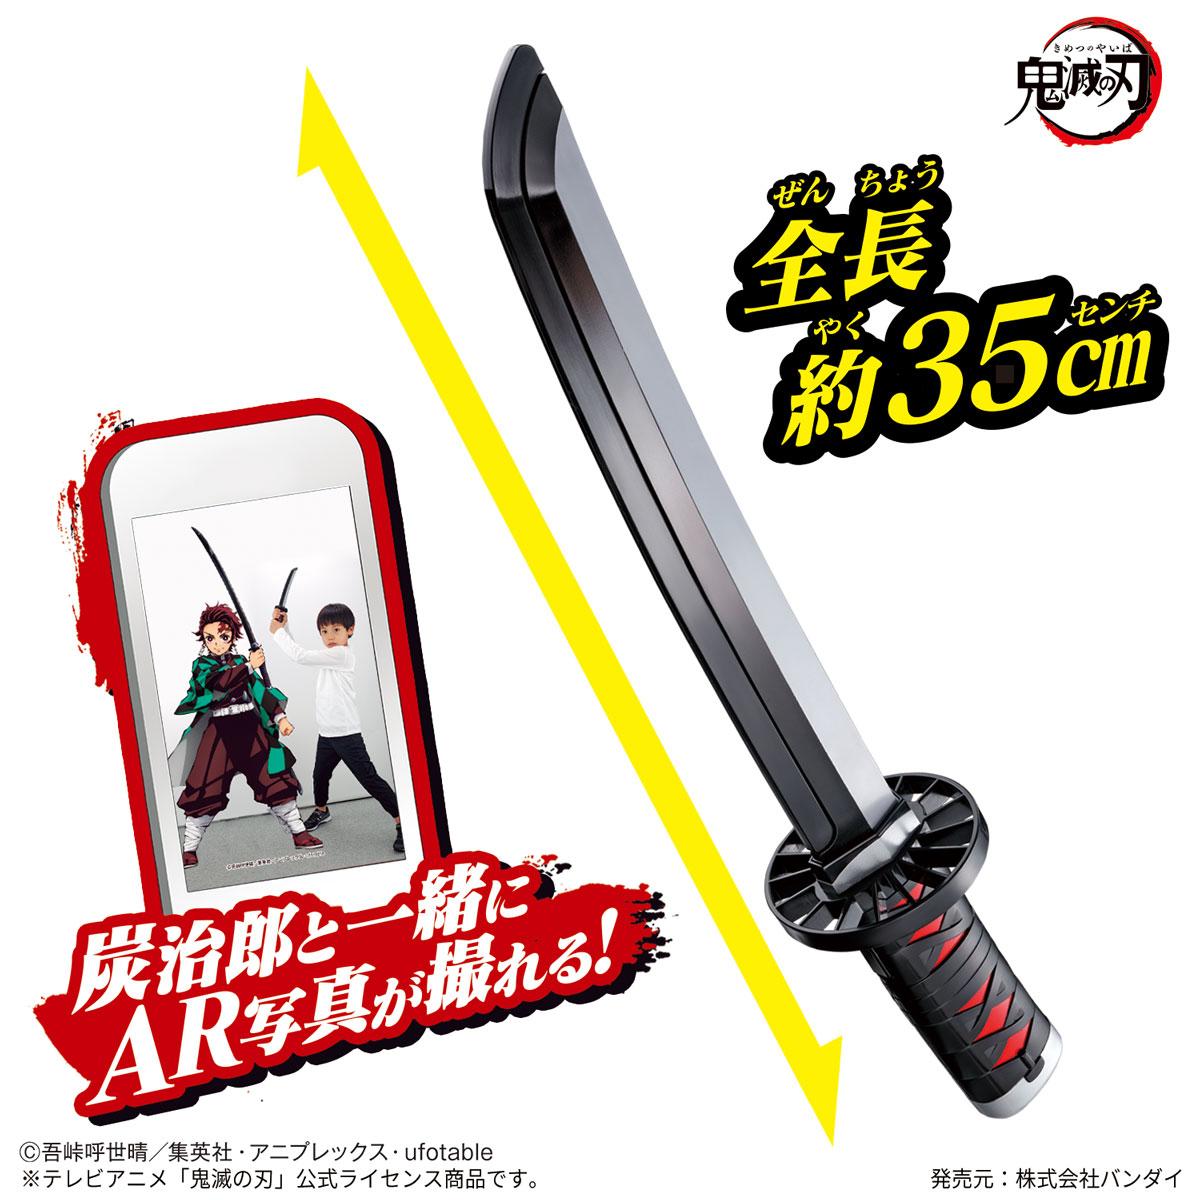 鬼滅の刃『NARIKIRI日輪刀~竈門炭治郎~』変身なりきり-002